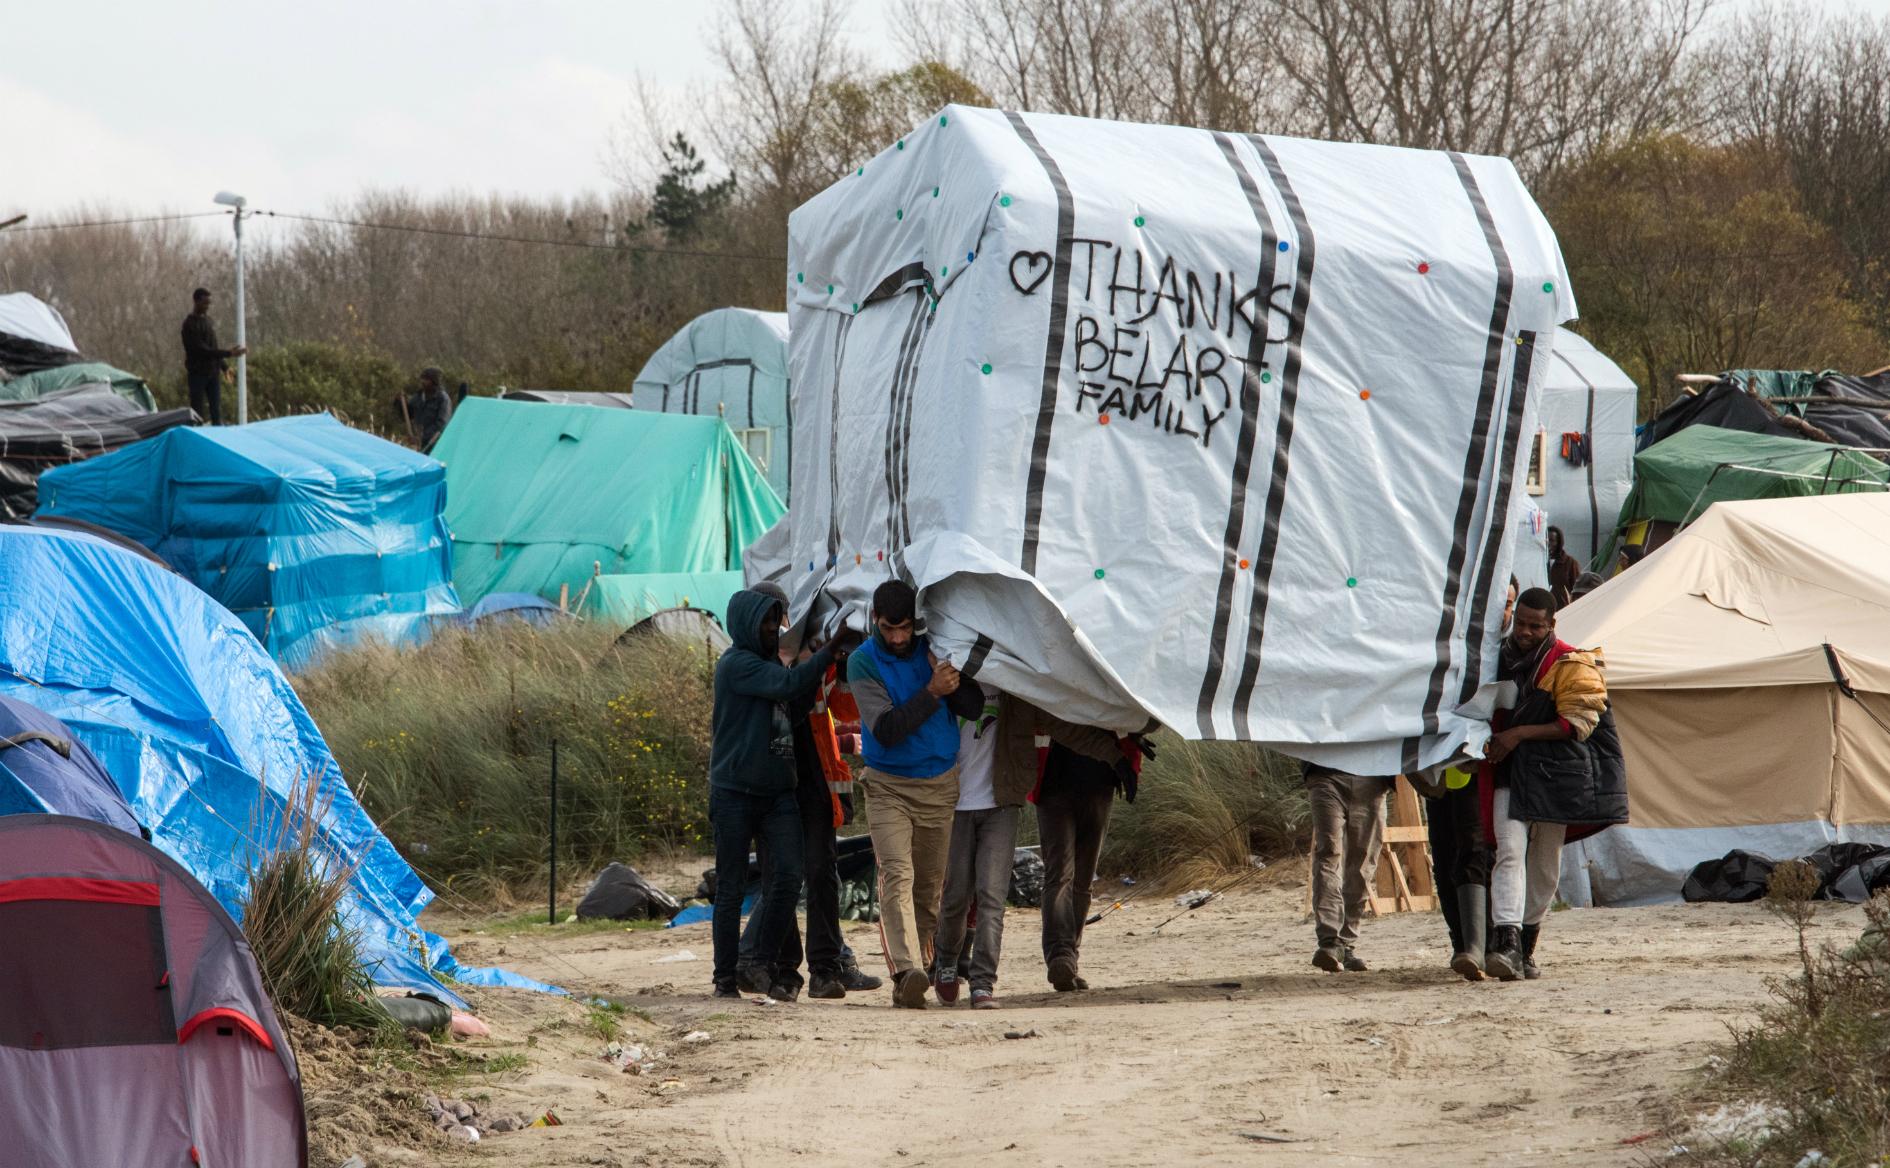 Hombres migrantes mueven una tienda de campaña en el New Jungle, campamento de inmigrantes en Calais, Francia. AFP DENIS CHARLET